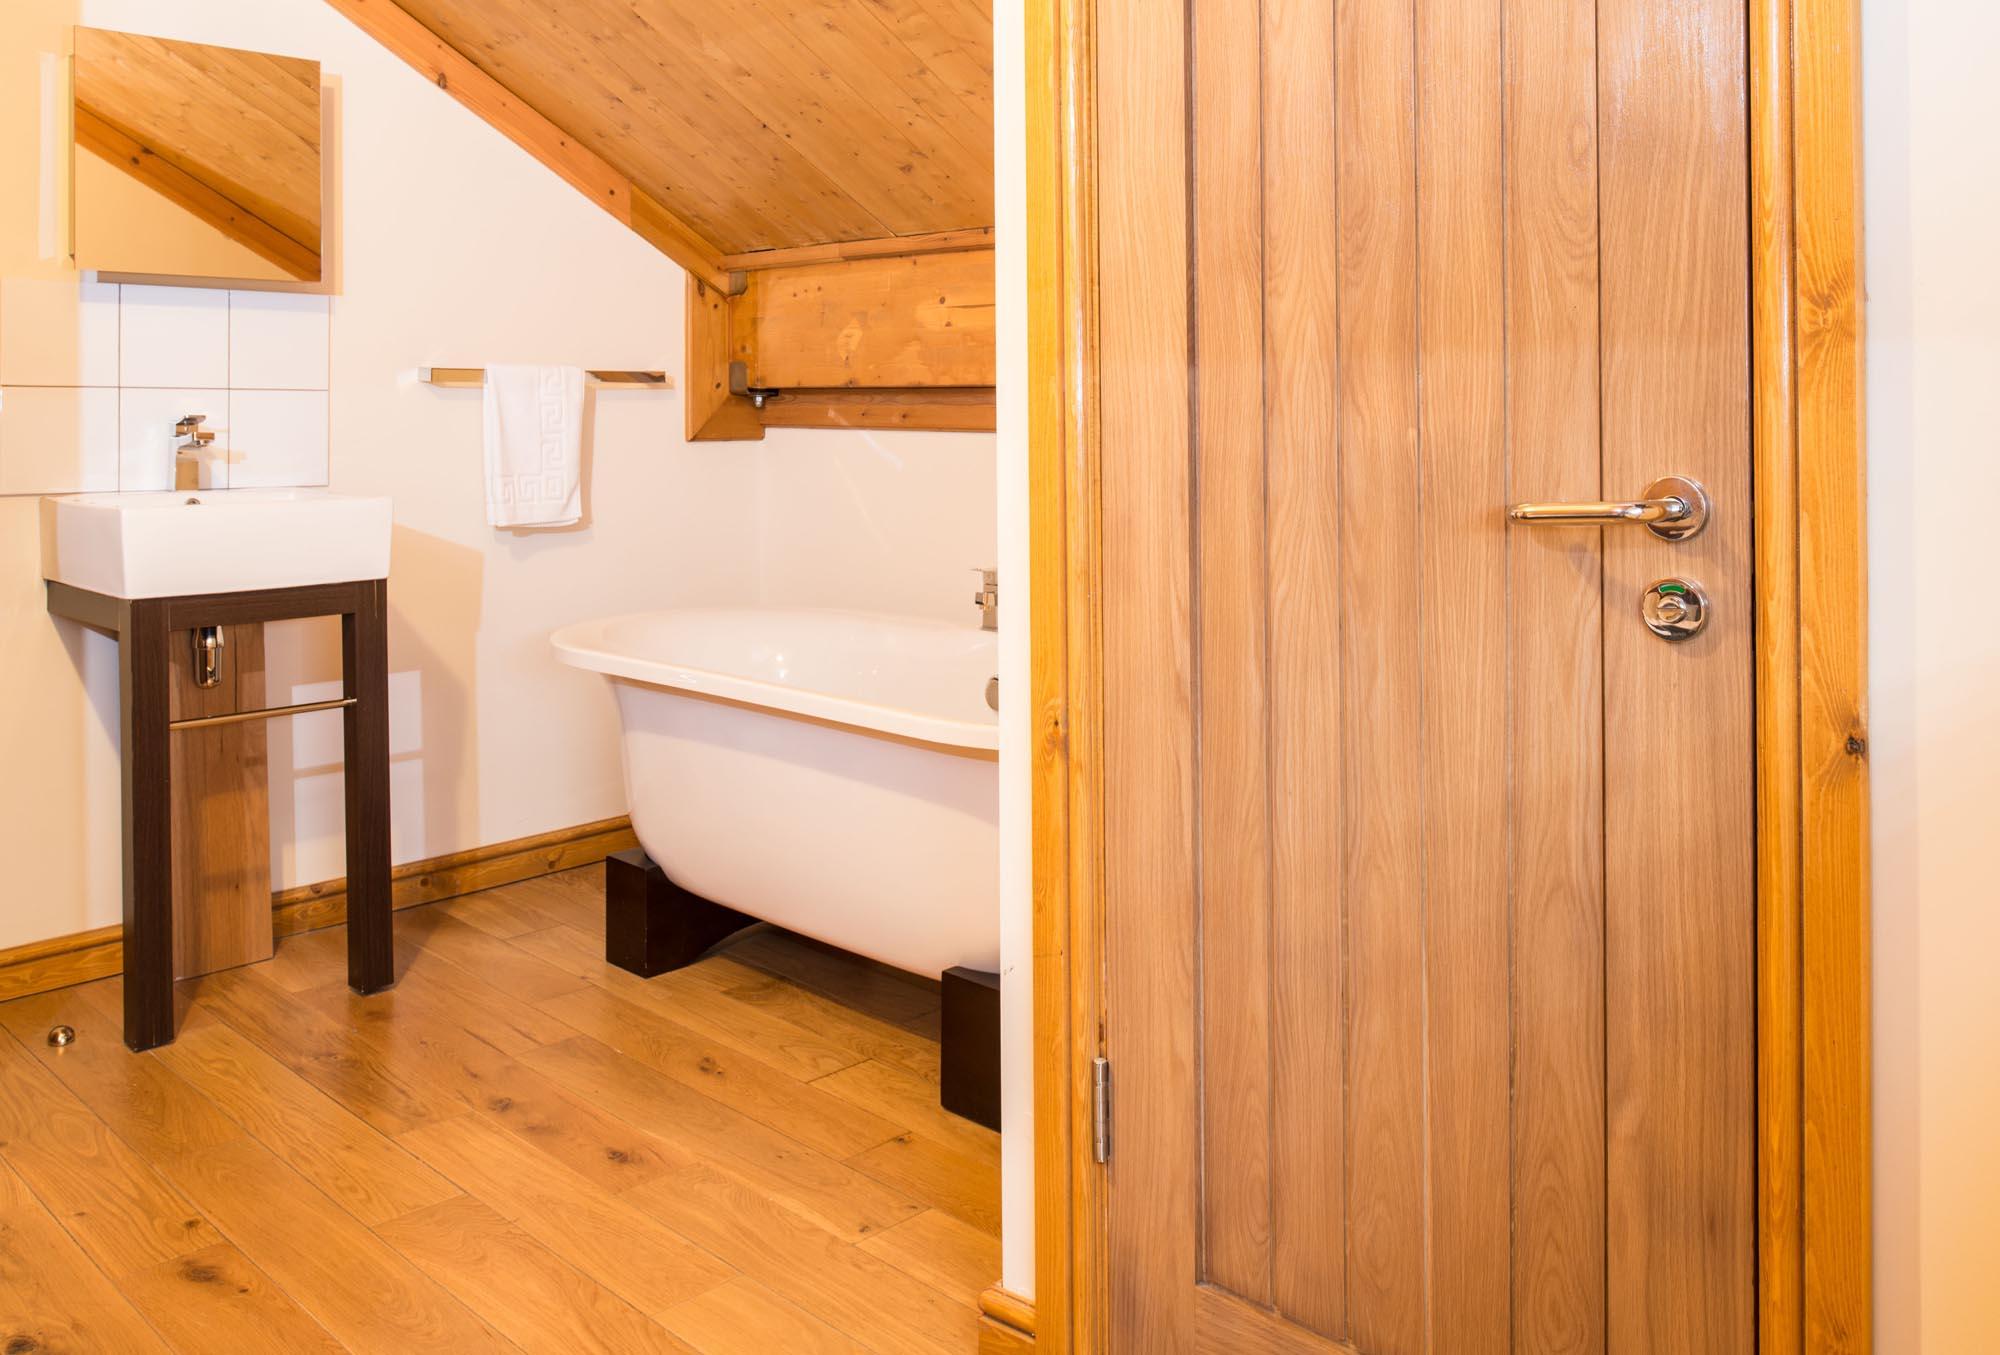 log cabin yorkshire, Hot tub lodge Yorkshire, Lodge park East Yorkshire